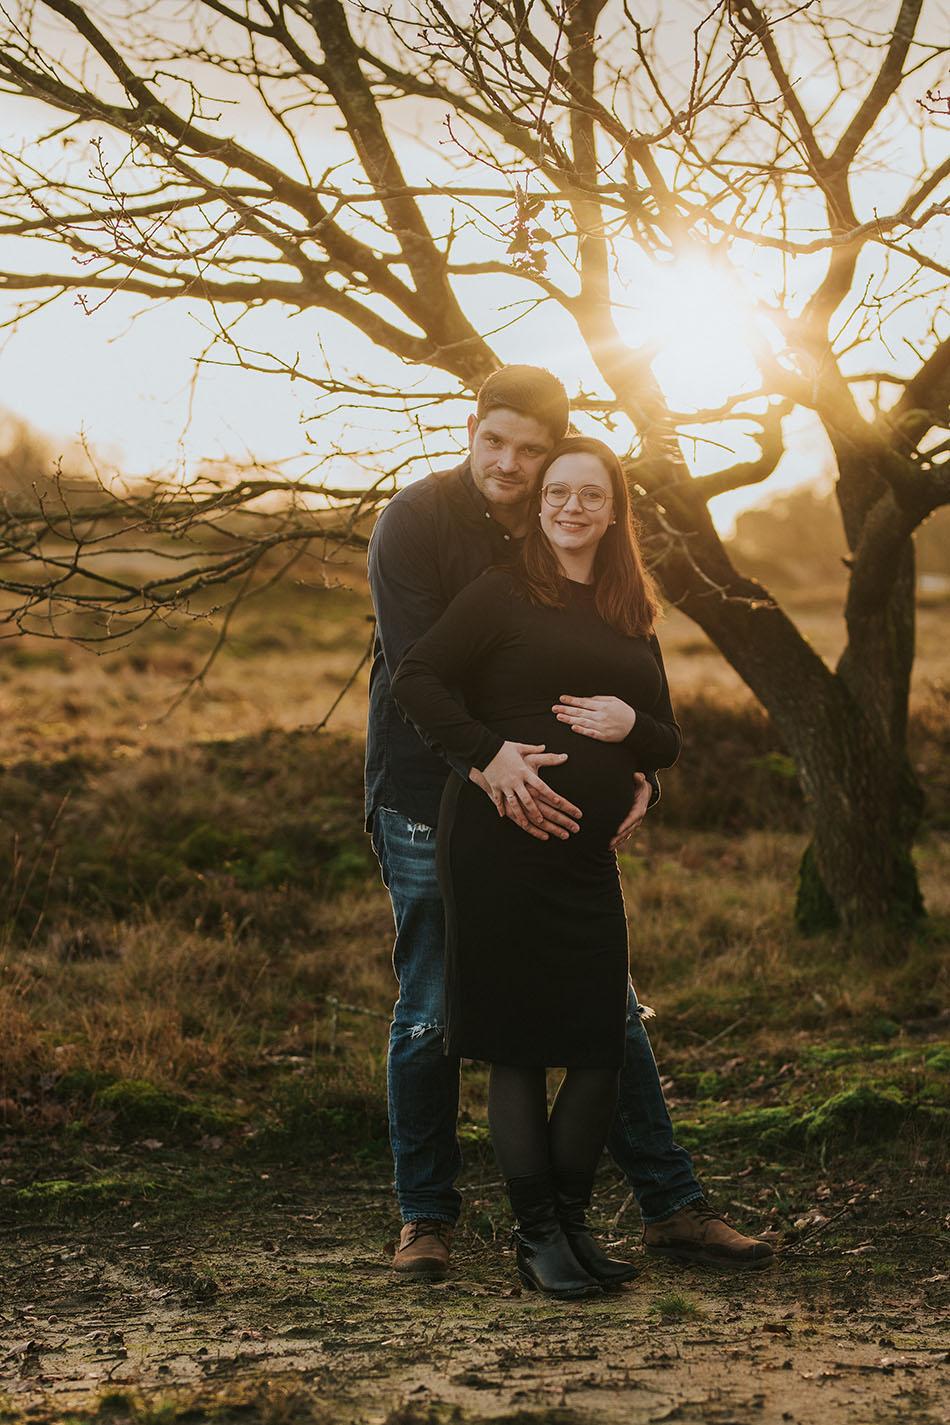 schwangerschaftsfotografie schwangerschaft fotoshooting Babybauchfotografie nordfriesland conni klueter fotografie